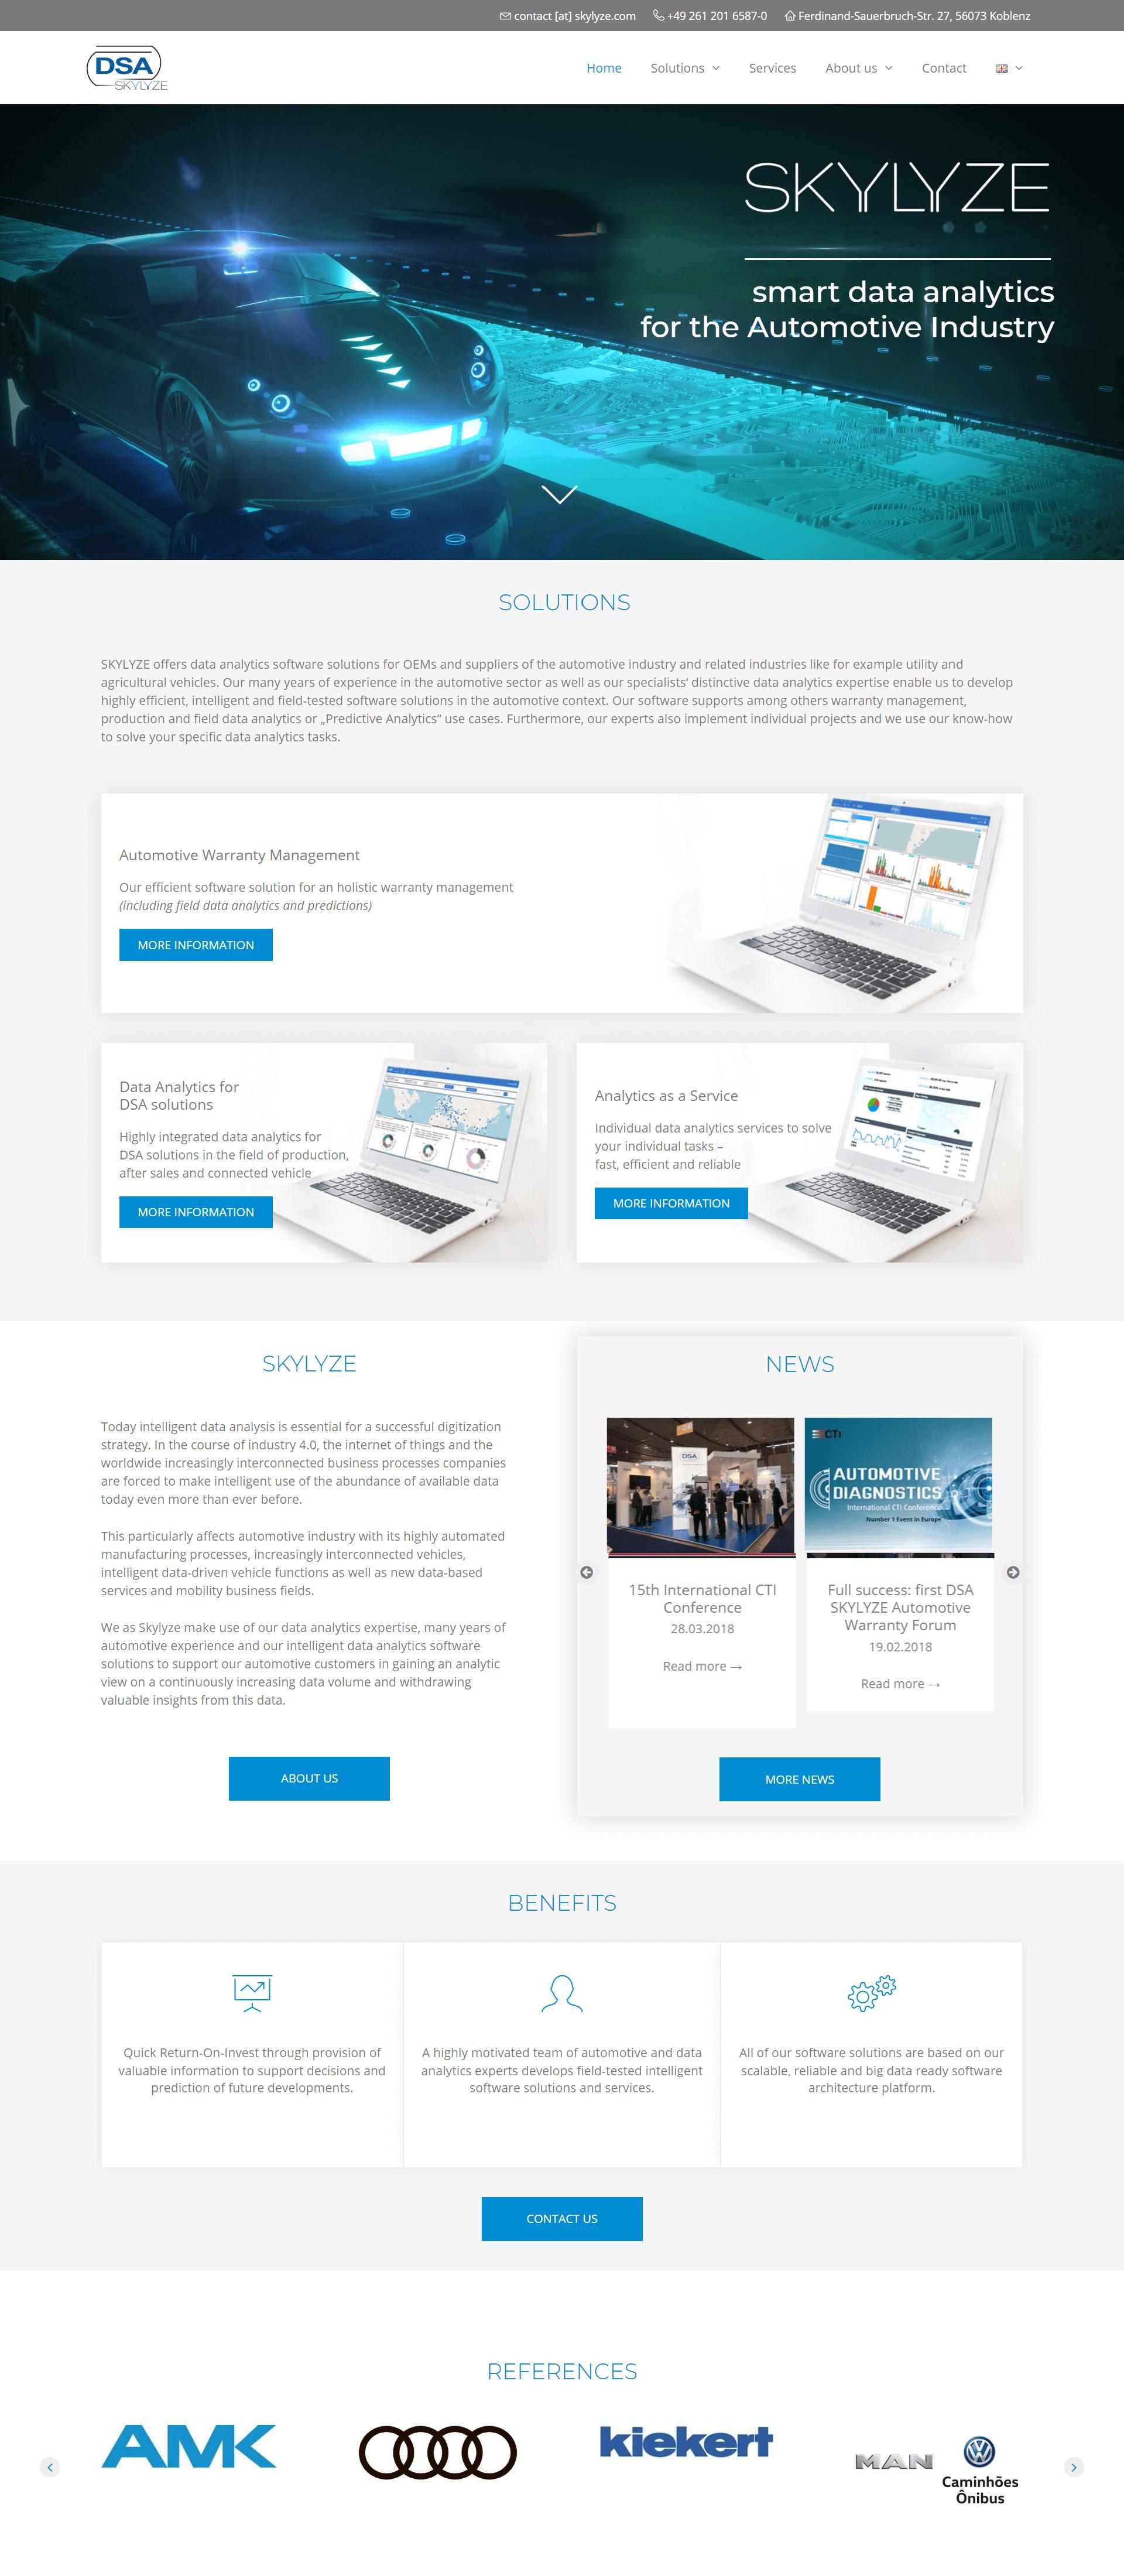 skylyze webdizajn